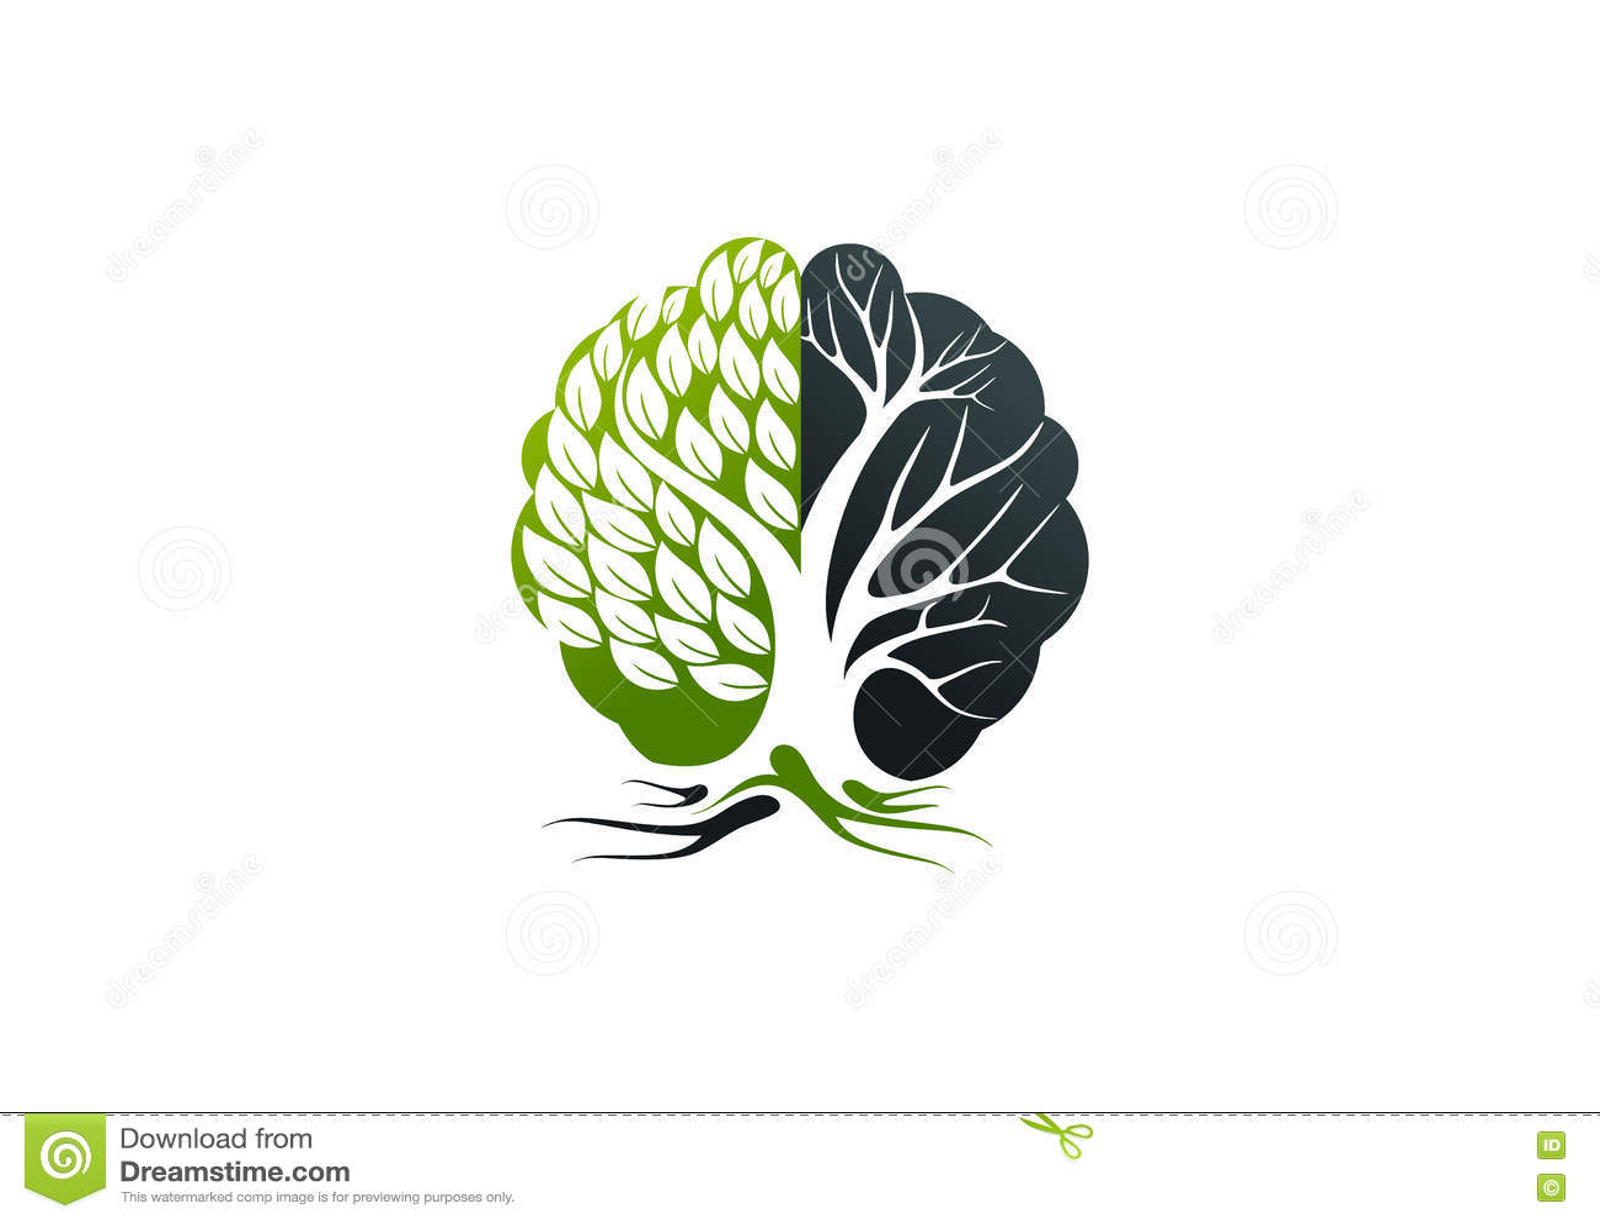 Logotipo de Alzheimer, projeto de conceito do cérebro da árvore